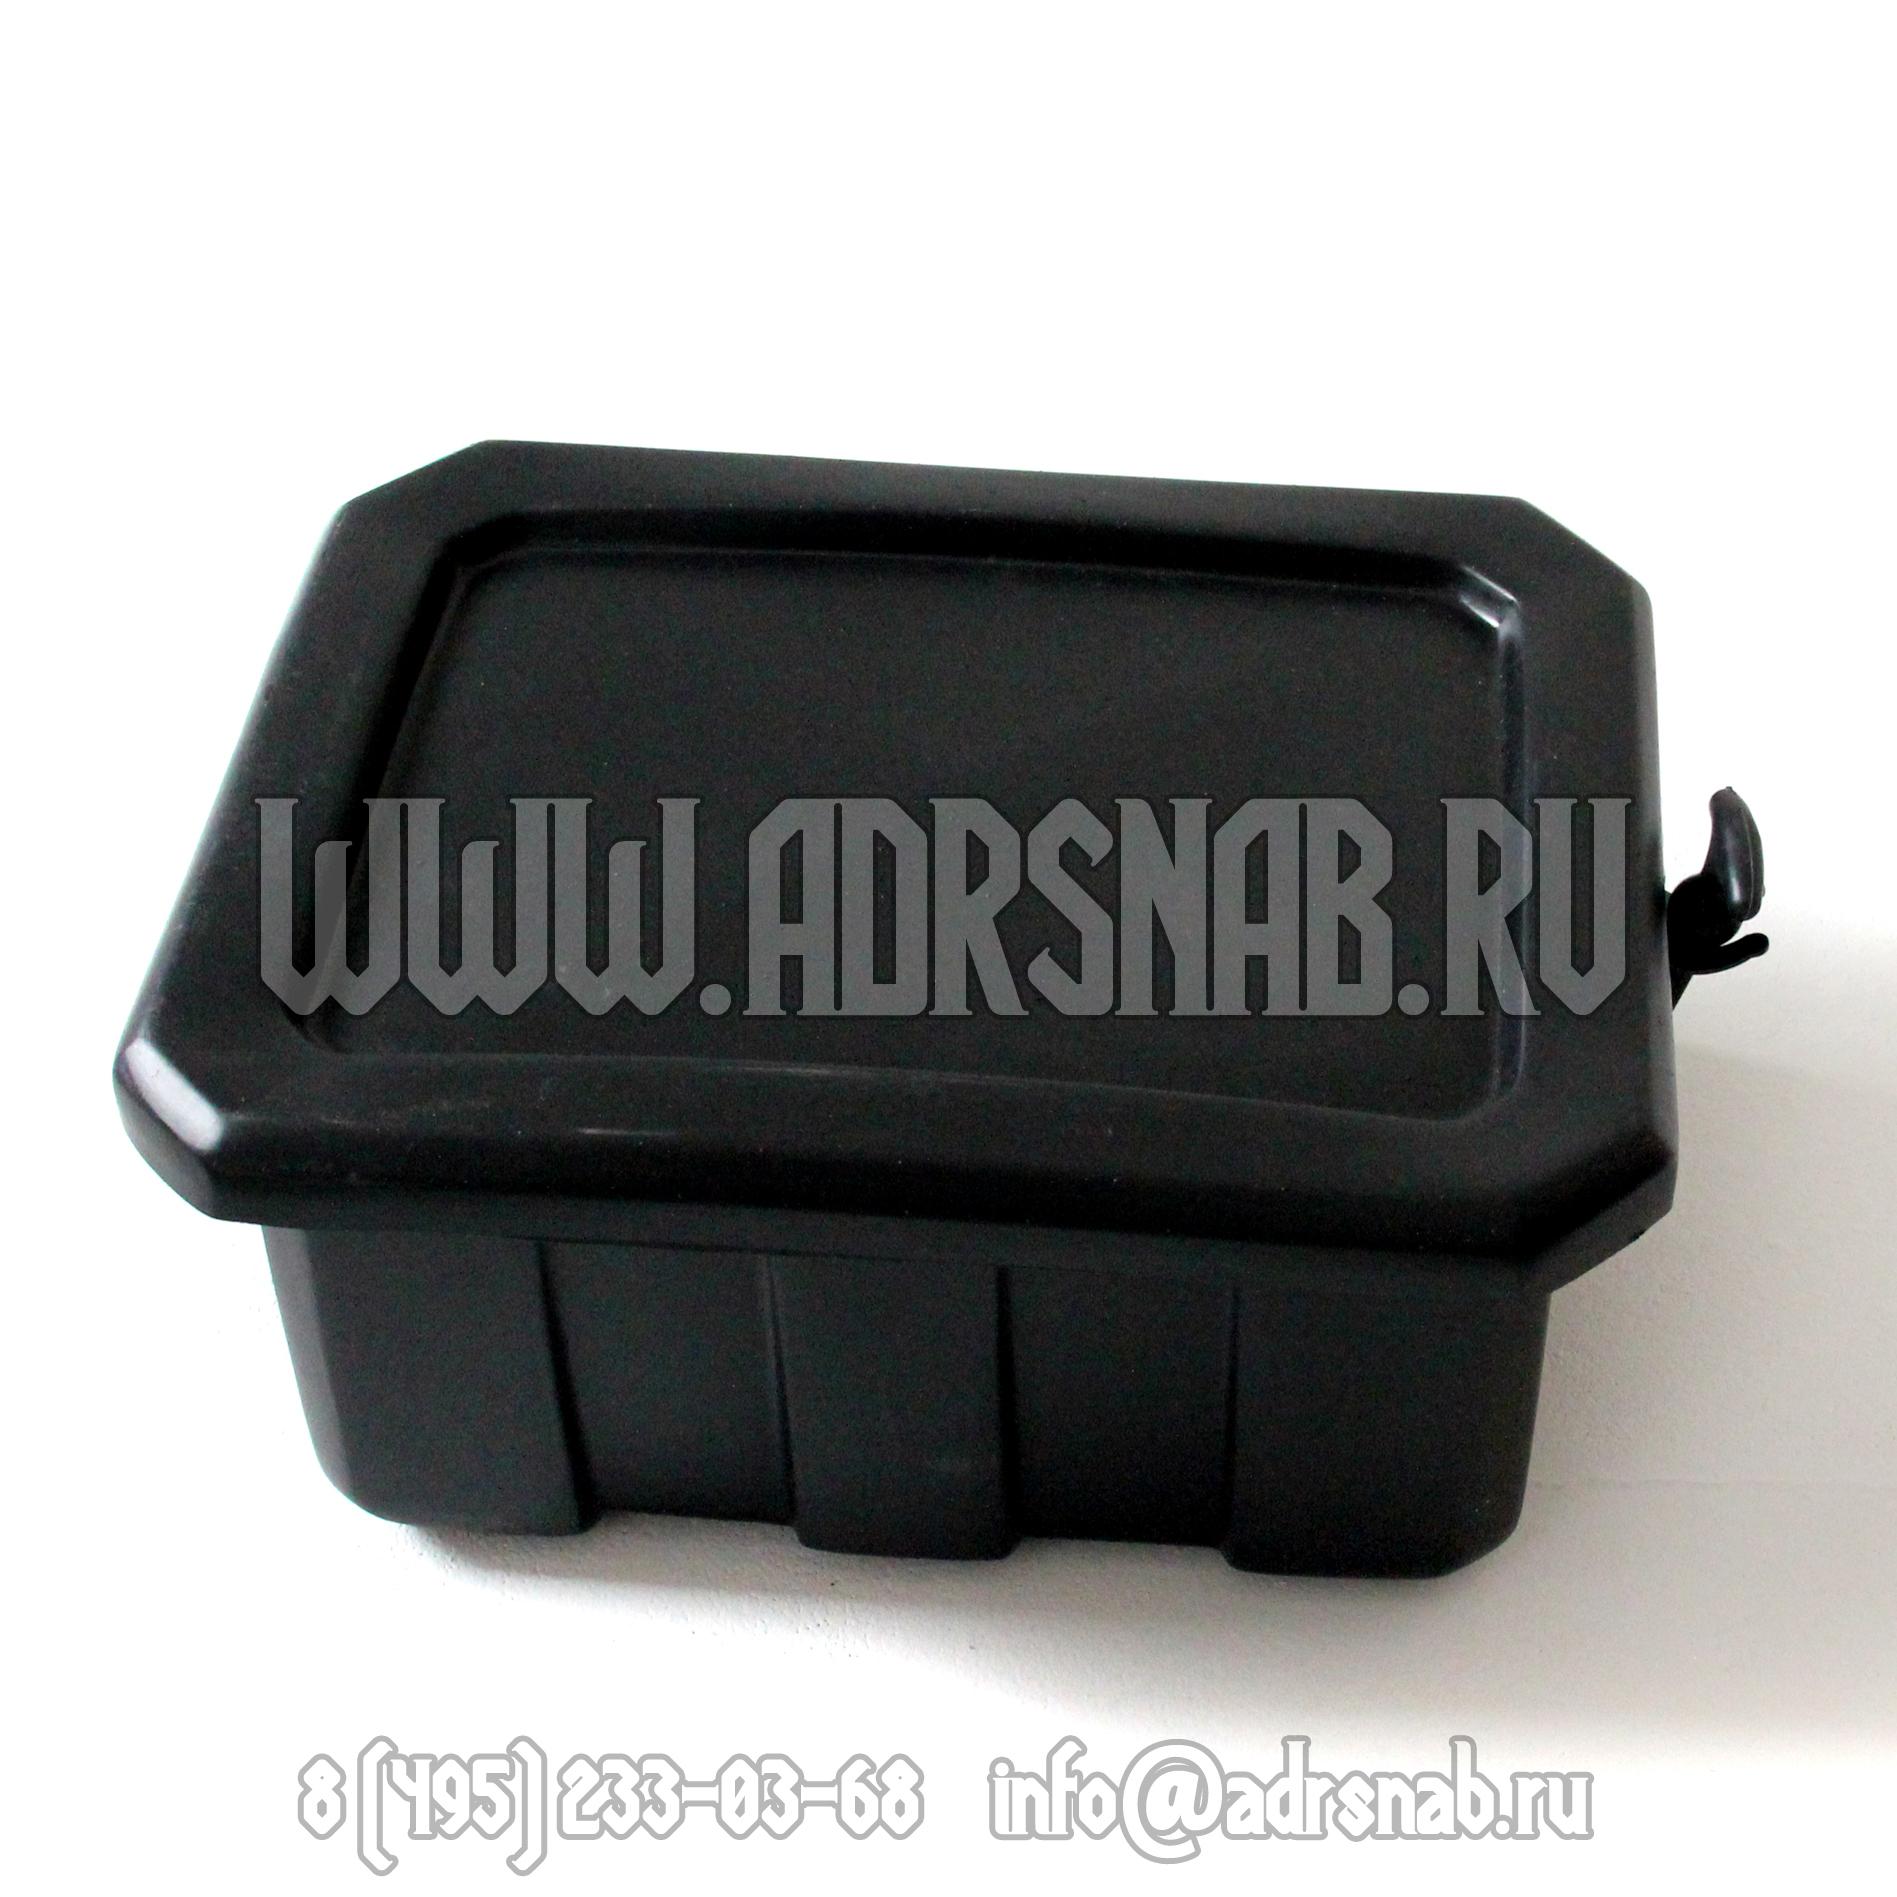 Ящик для песка, сорбента, дренажной ловушки